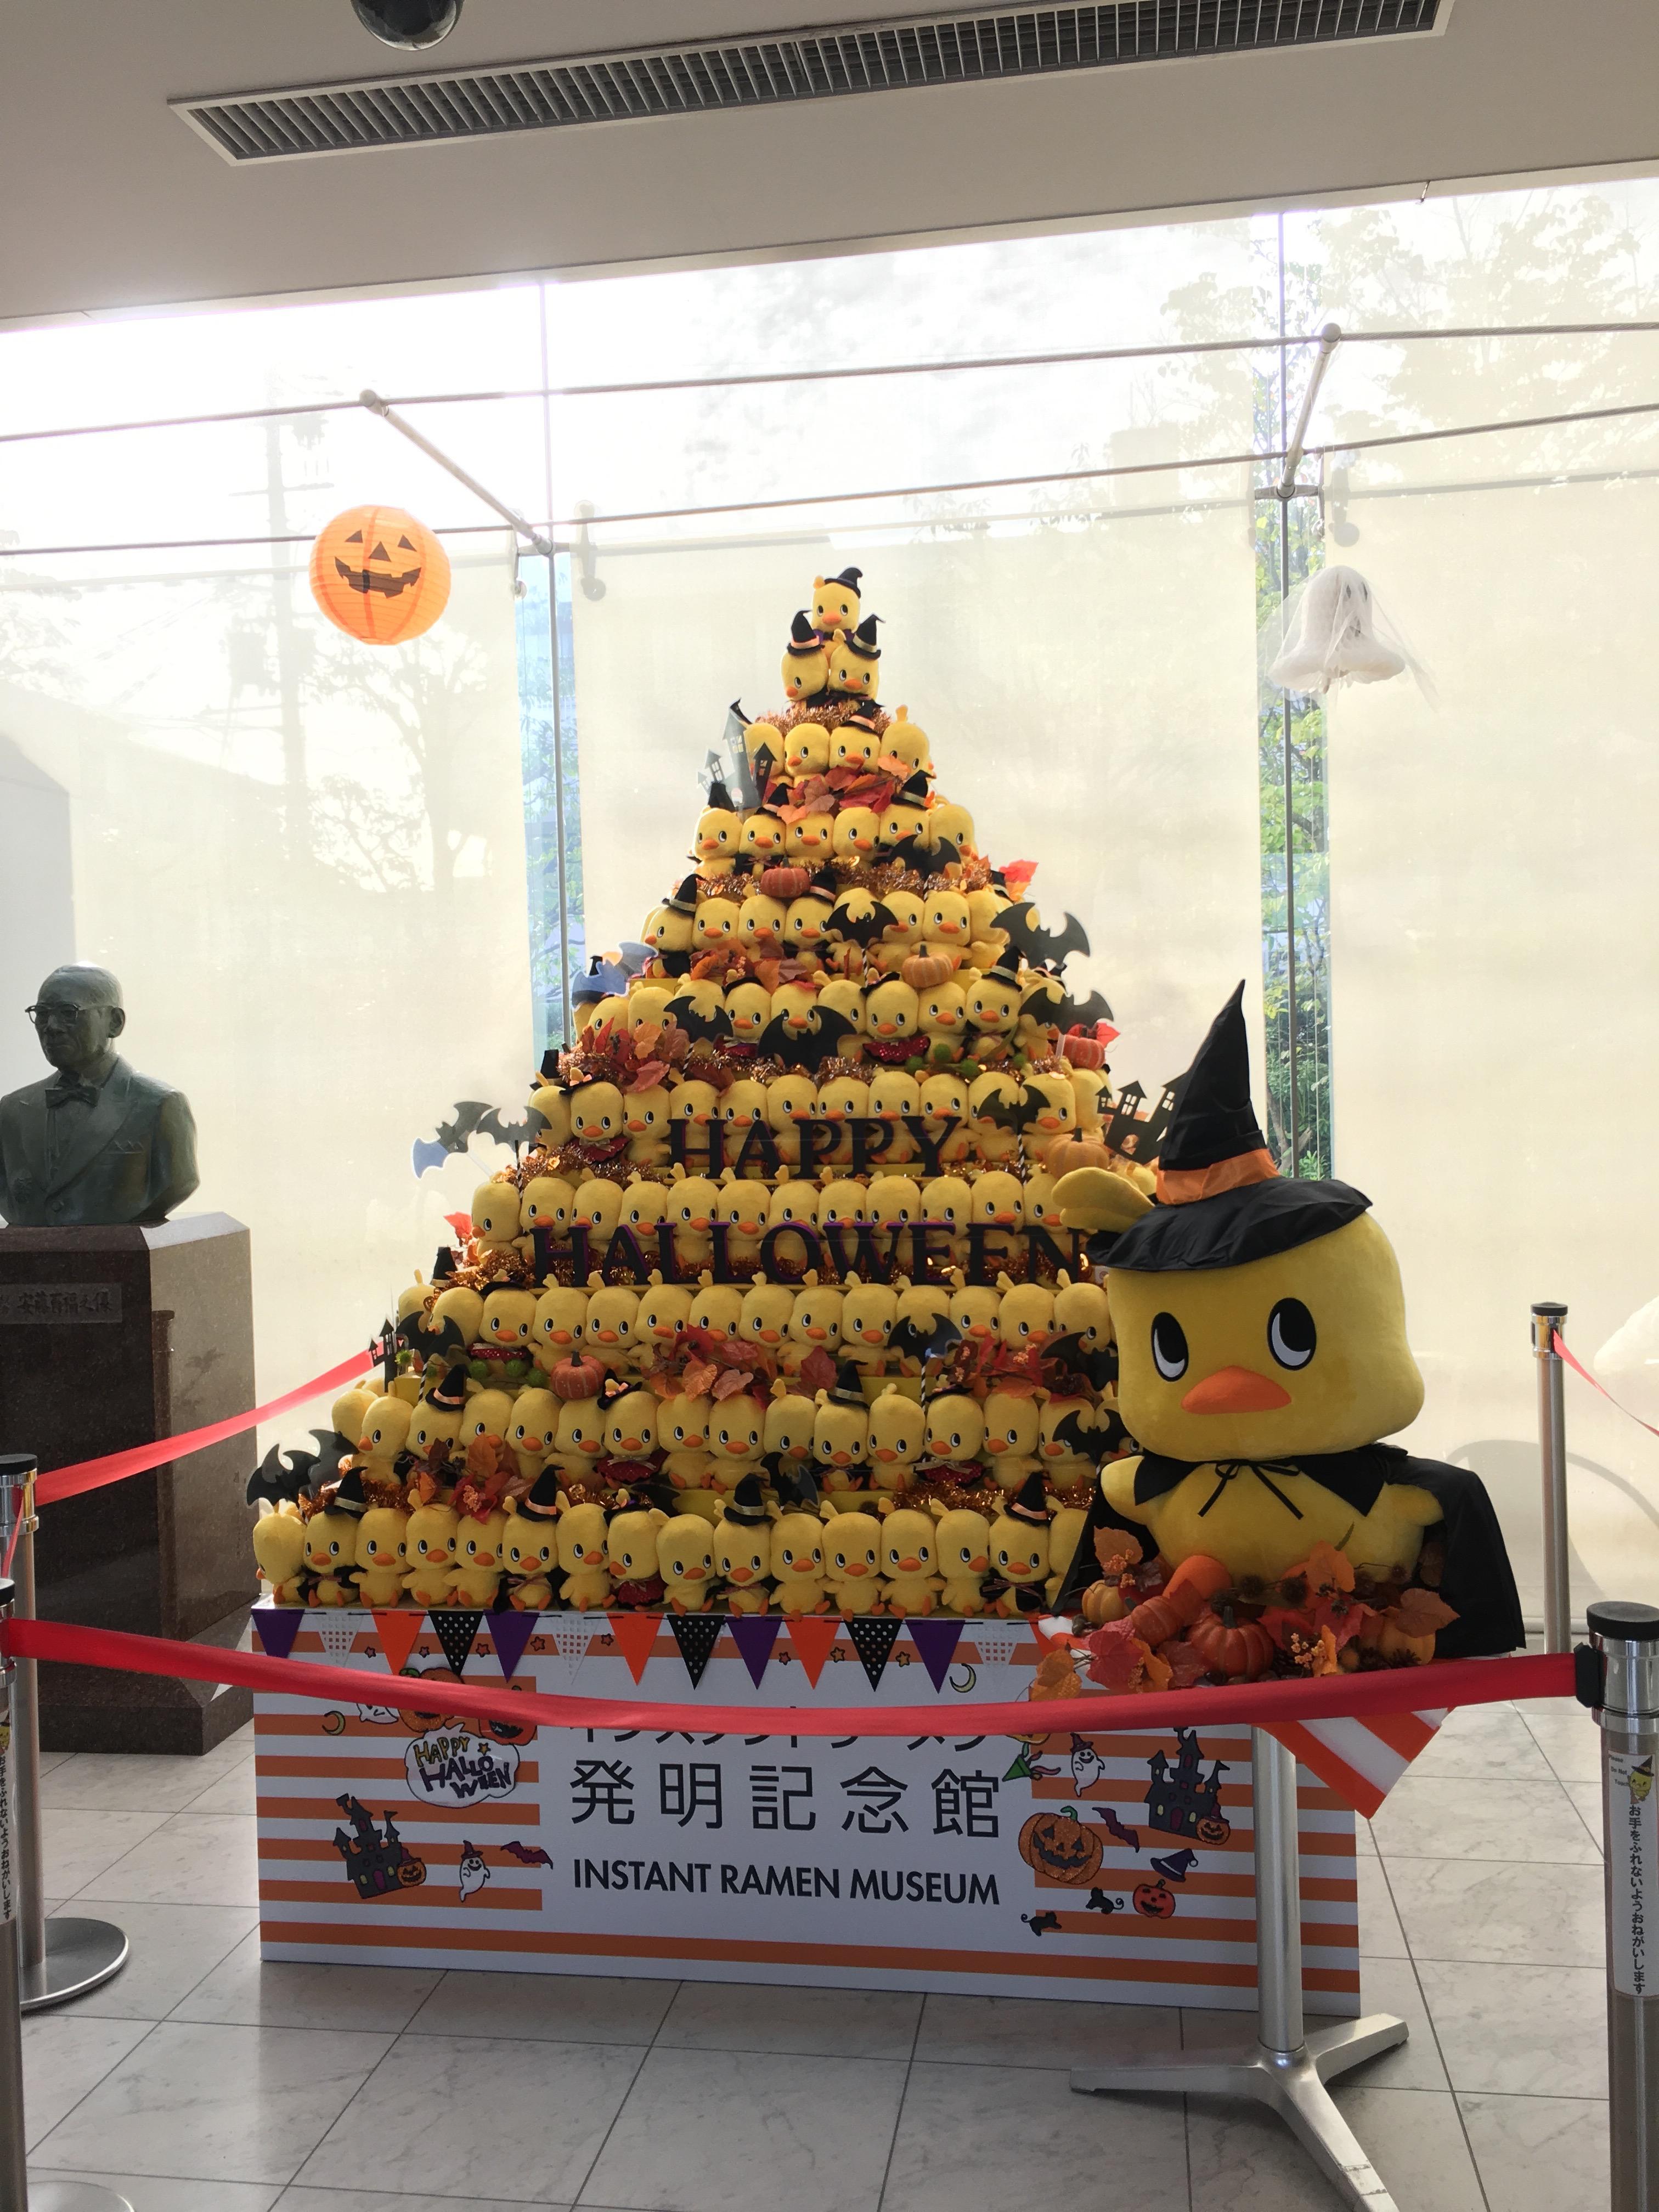 大阪府池田市のインスタントラーメン発明記念館でチキンラーメンファクトリーを体験してきたよ